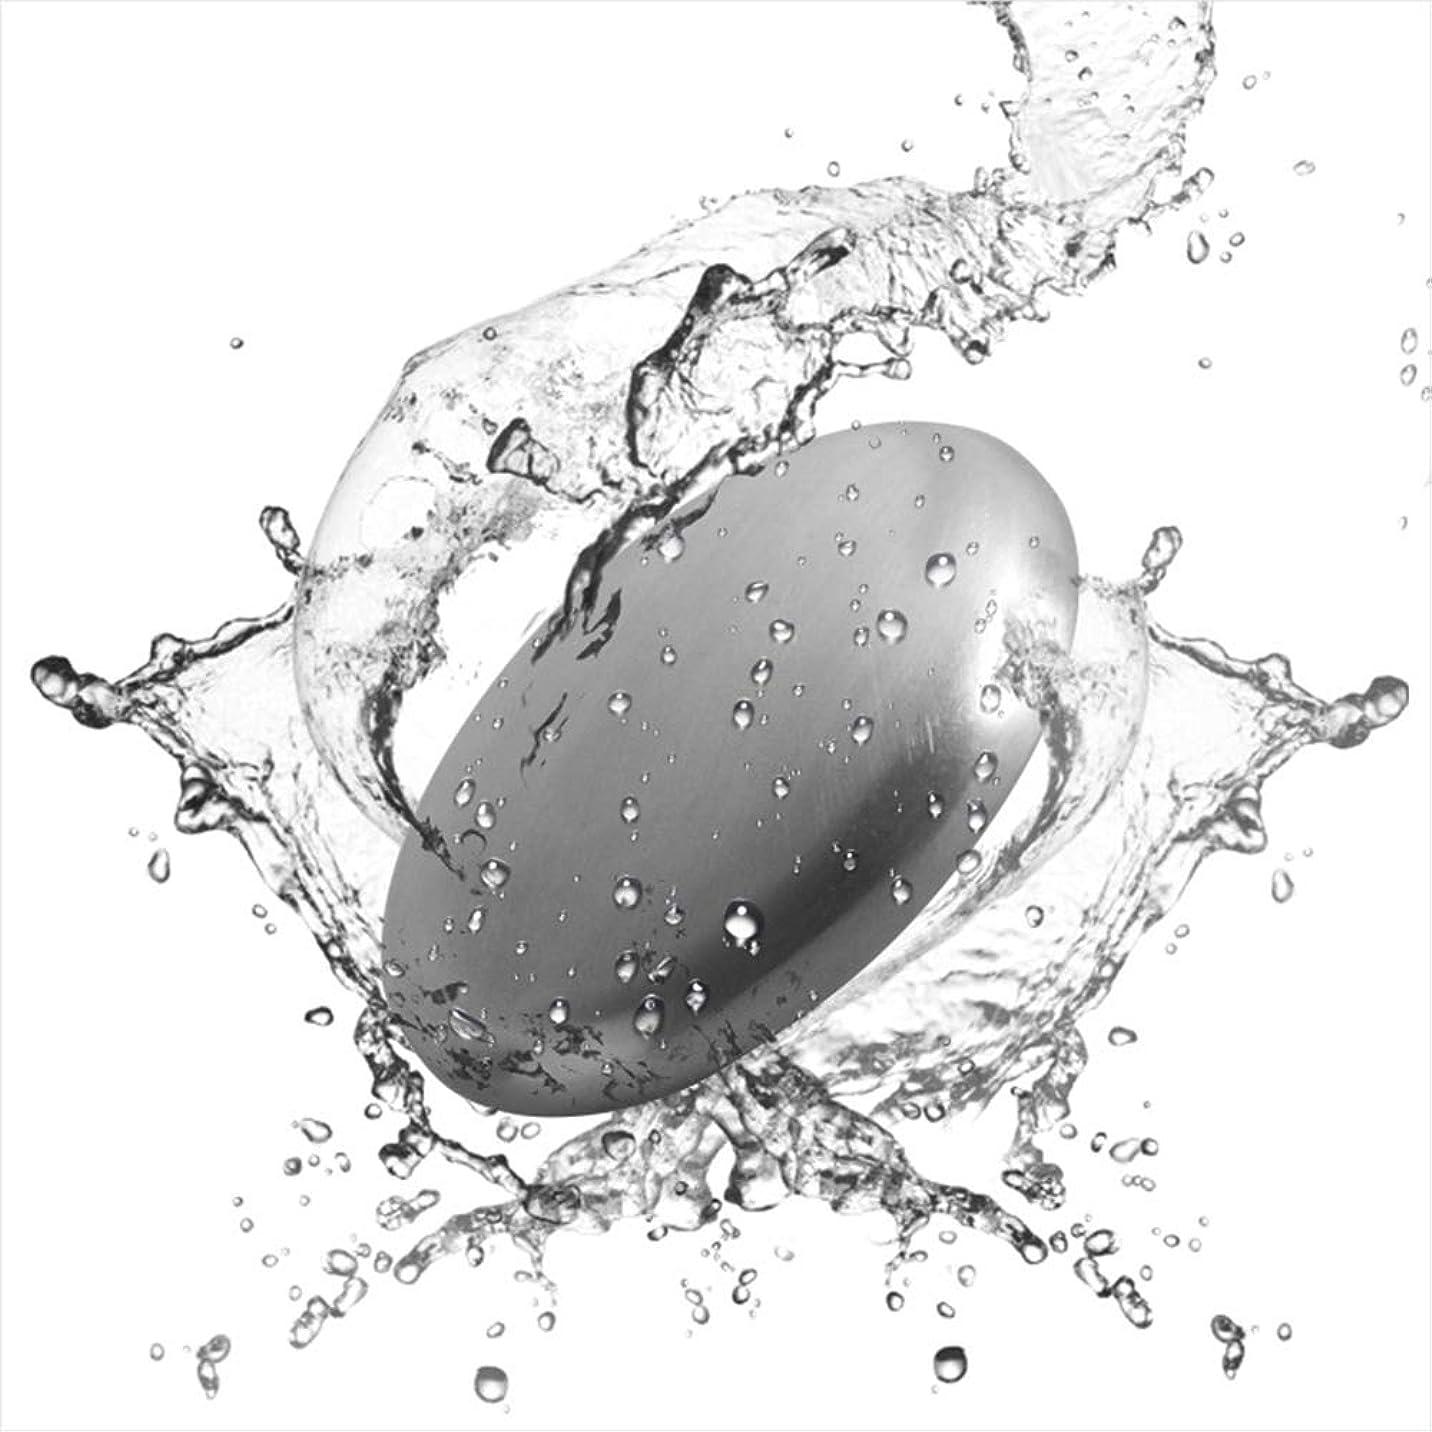 回る悪化させるガムRefoiner ステンレス製品 ソープ 実用的な台所用具 石鹸 魚臭 玉ねぎやニンニク 異臭を取り除く 2個